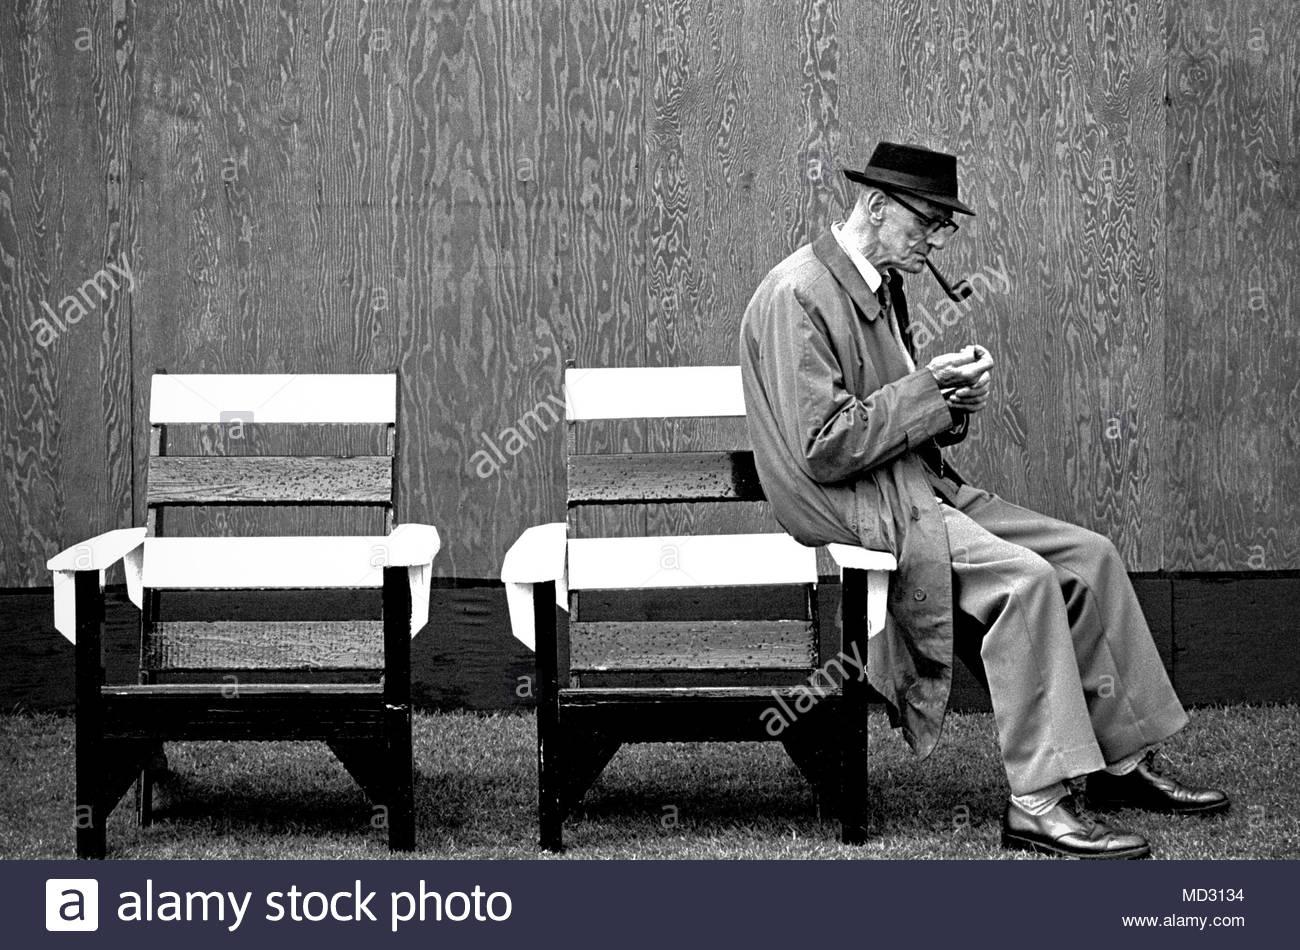 Ältere Mann in einem regenmantel Beleuchtung seine Pfeife, während auf dem Arm von einem sehr nassen Holzbank Art Stuhl in den frühen 80er sat s in North West England, UK Foto DON TONGE Fotograf Stockbild